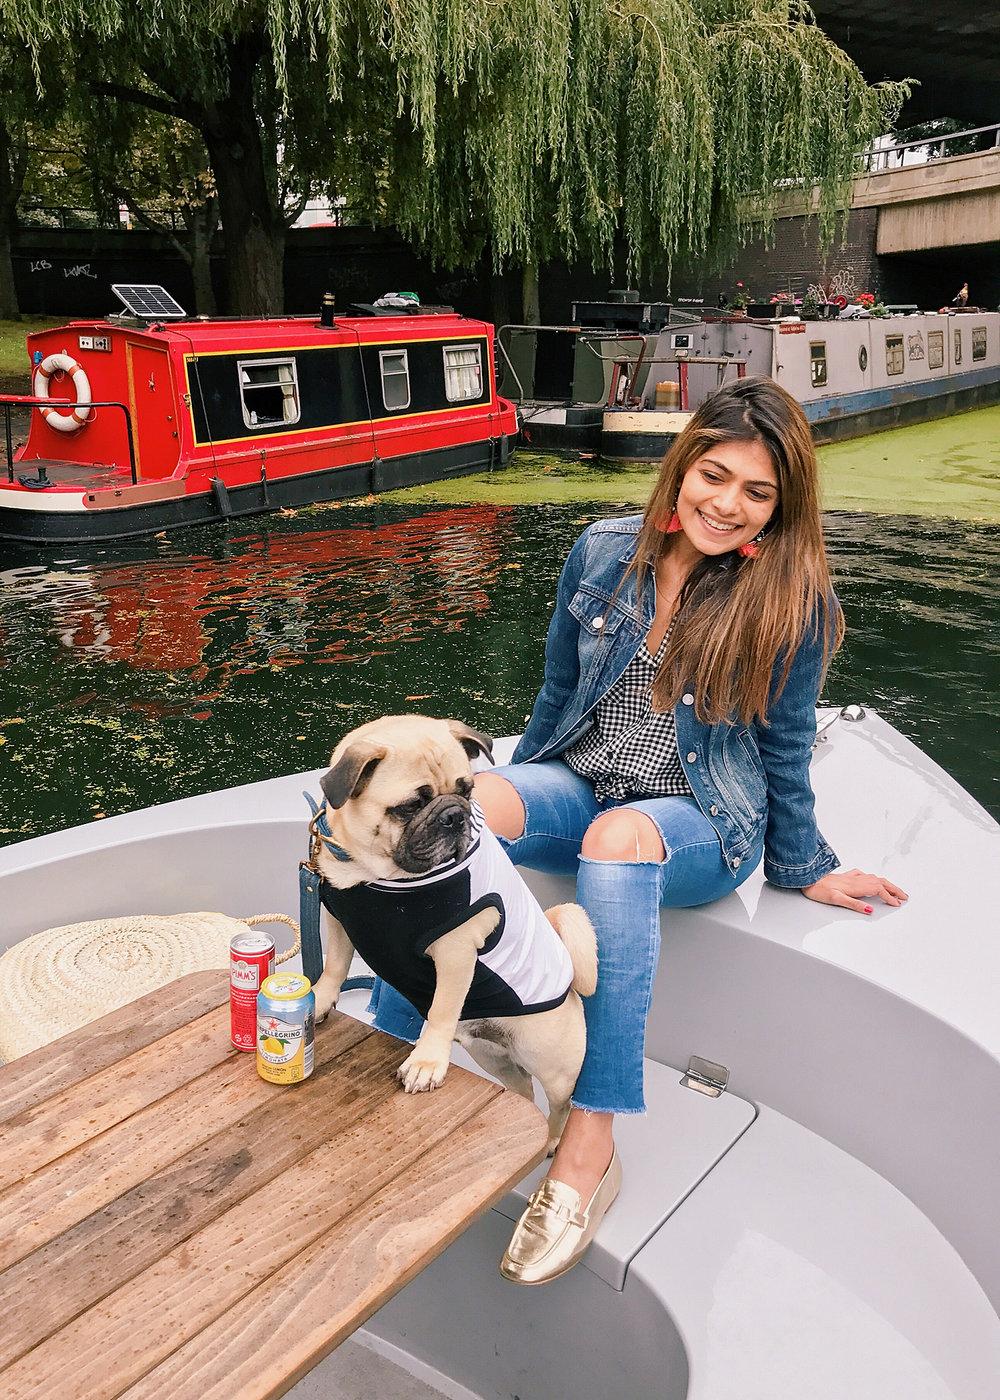 honeyidressedthepug-dogblog-dogfriendlyblog-thingstodowithyourdog-boatingwithdog-dogfashionblog-petfashionblog-goboatlondon-petblogger-humanandhound-fashionandlifestyle-londonpetblogger-topdogblog-puglife-pugonaboat-boatingwithdog-londoncanals11.jpg